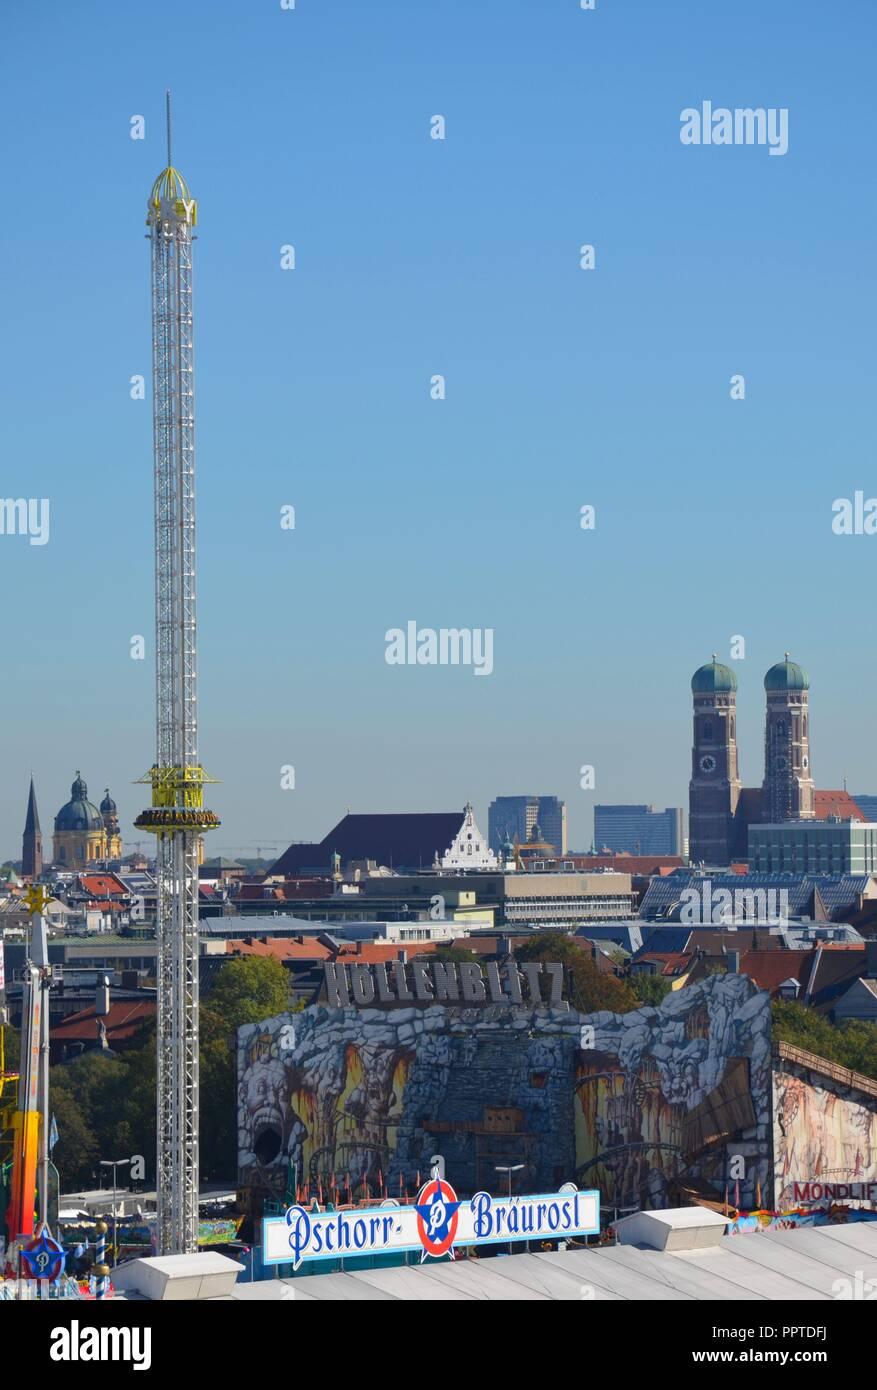 Auf dem Oktoberfest in München, Bayern, im September 2018, mit der Frauenkirche (Dom) - Stock Image